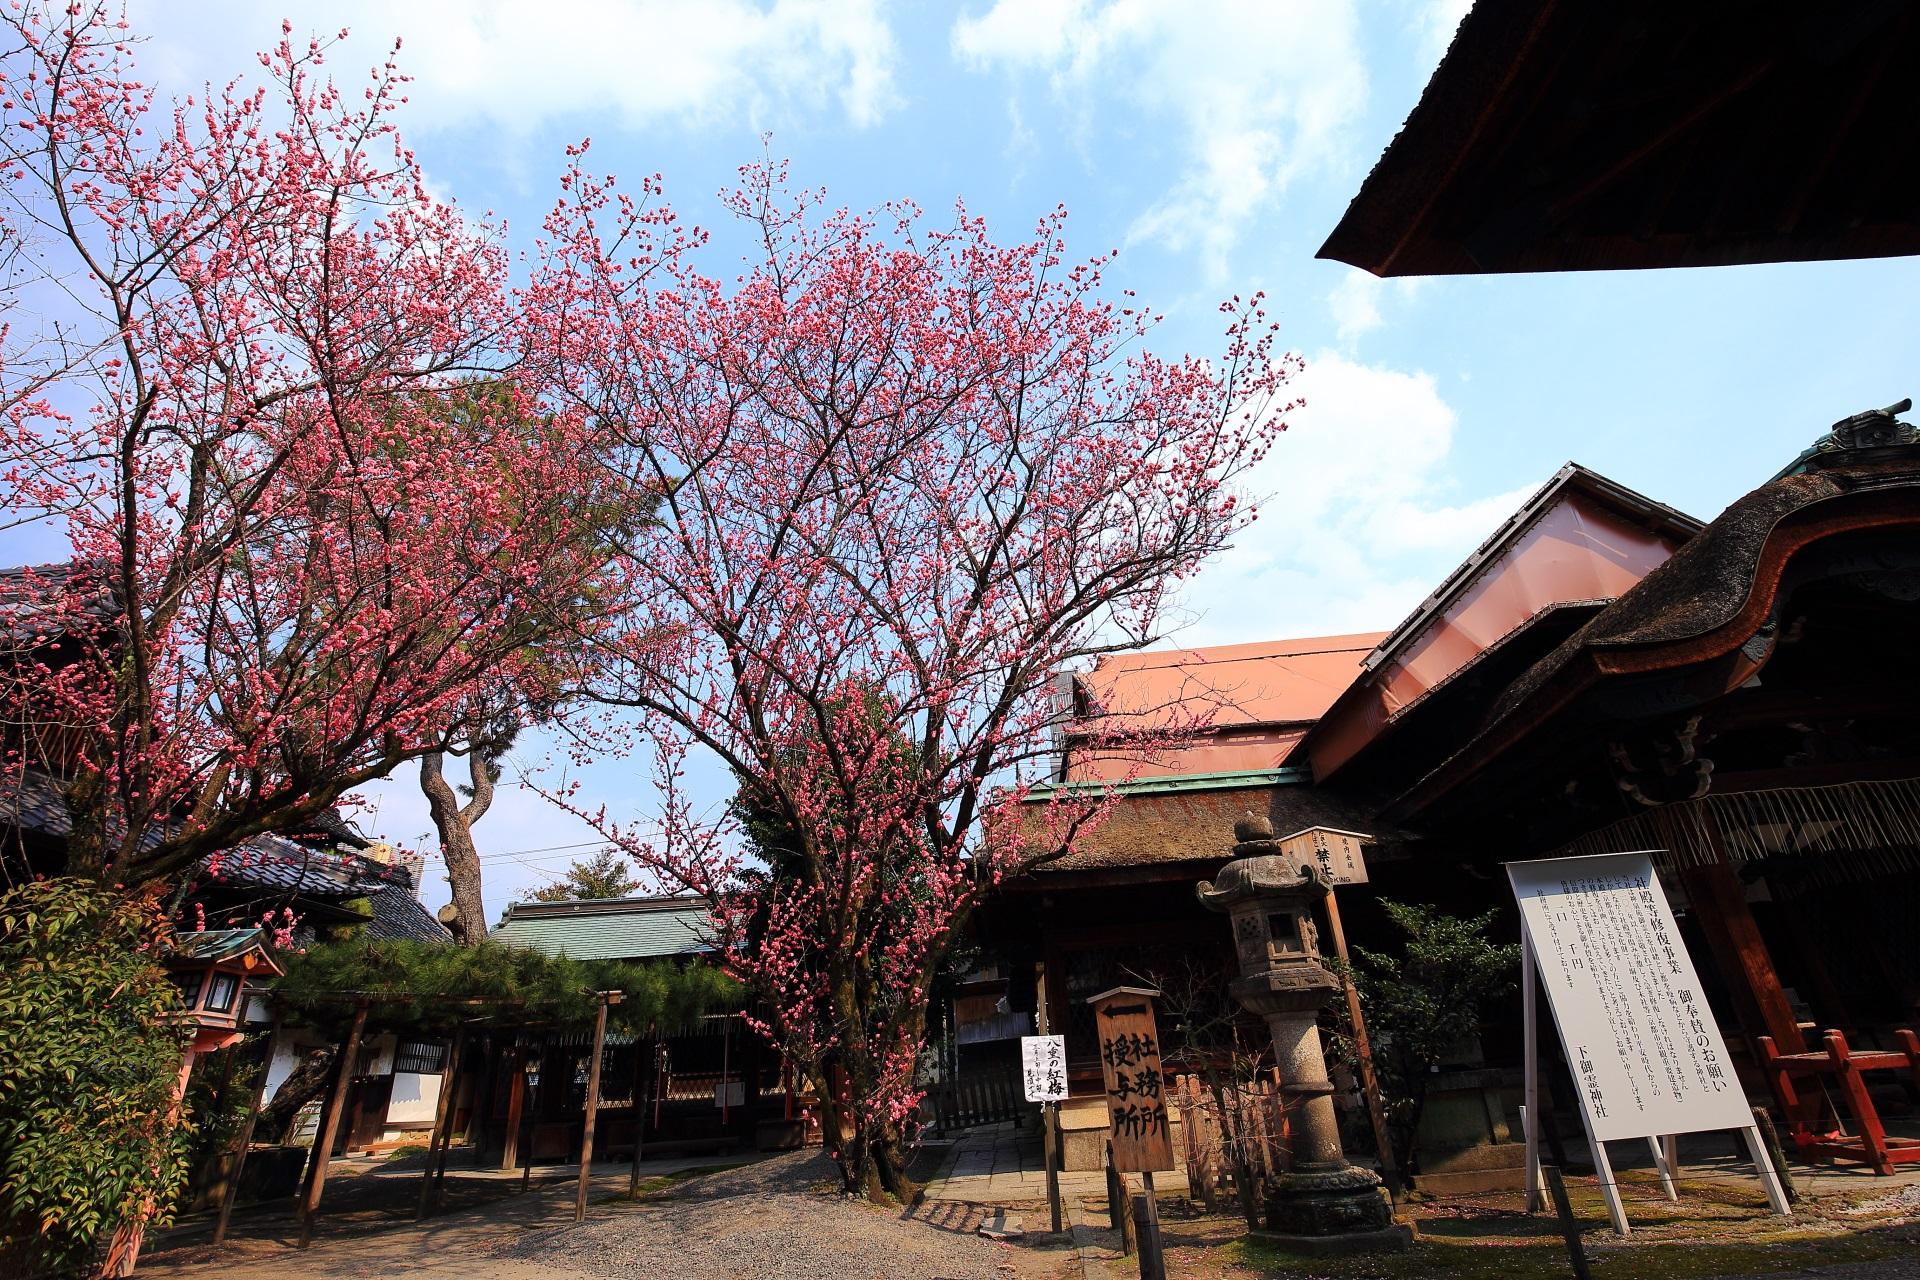 本殿横の二本の大きな梅の木